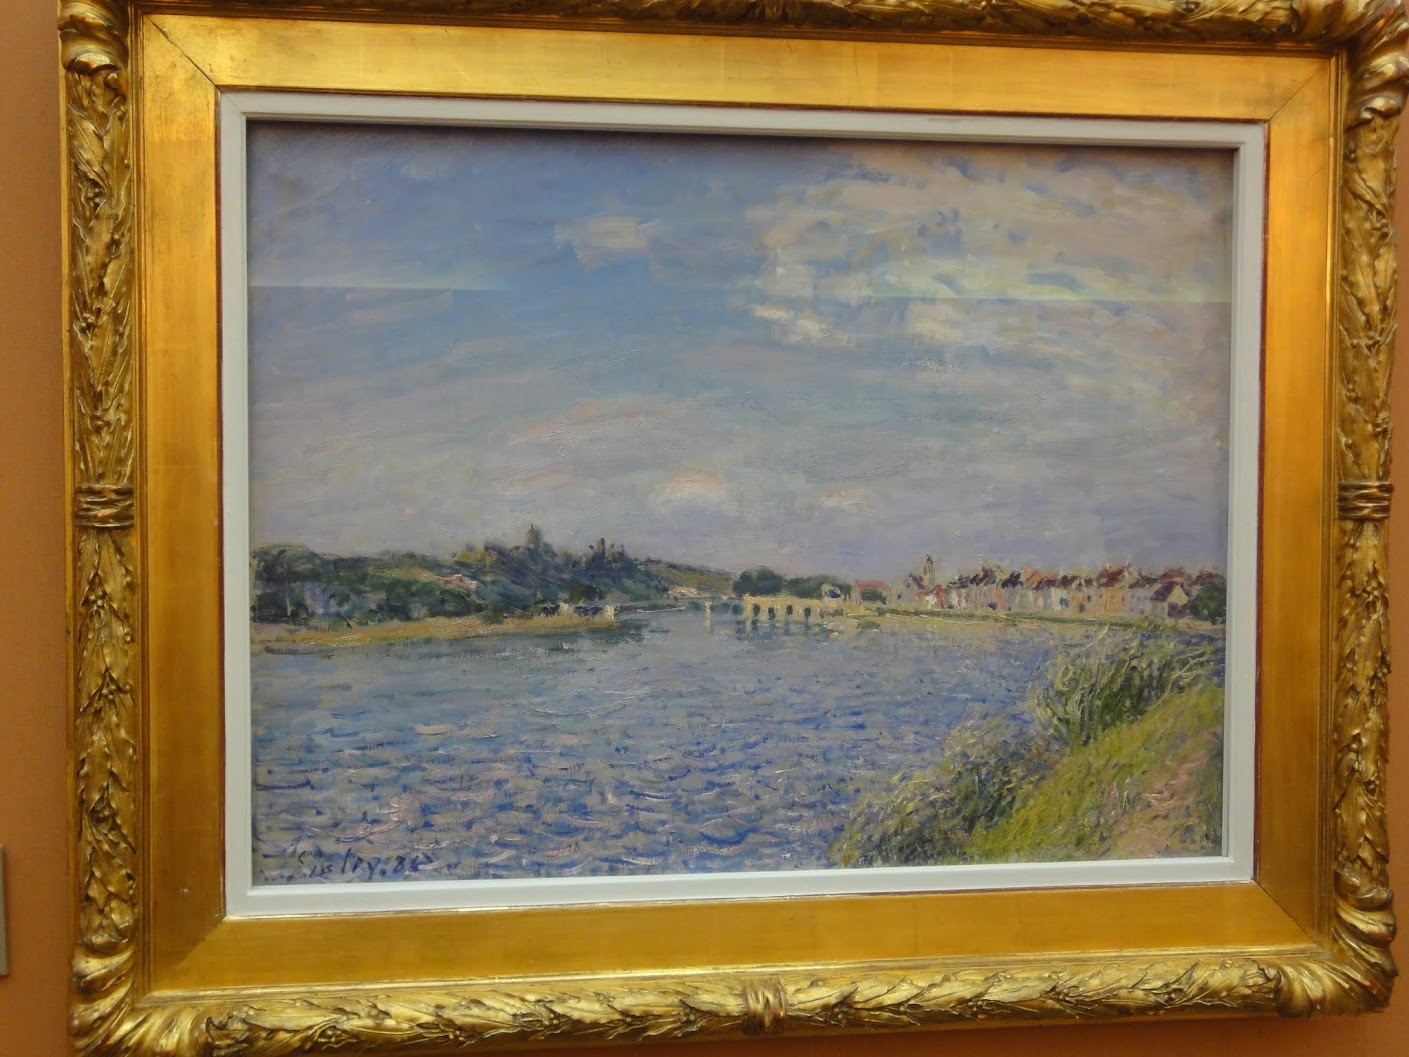 Saint-Mammès-sur-le-Loing d'Alfred Sisley au Musée des Beaux-Arts à Dijon